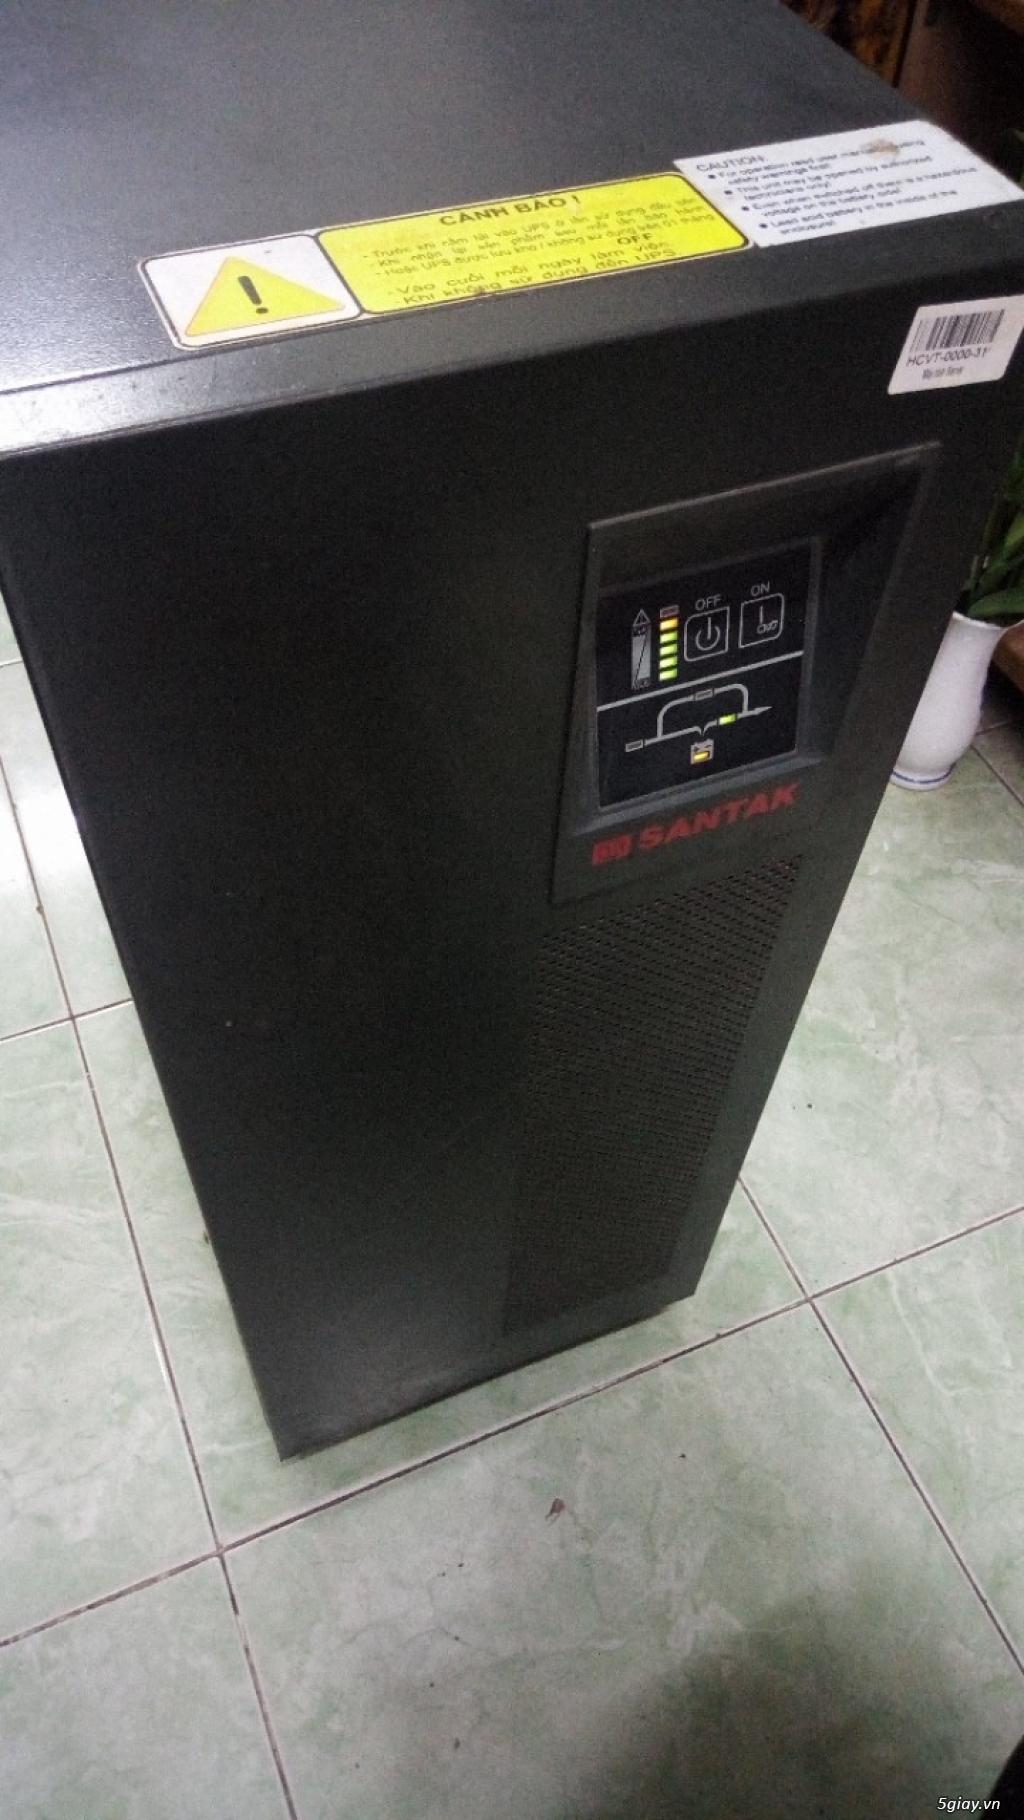 Bộ lưu điện ups santak c6k 6kva online phục vụ mọi nhu cầu mất điện - 2